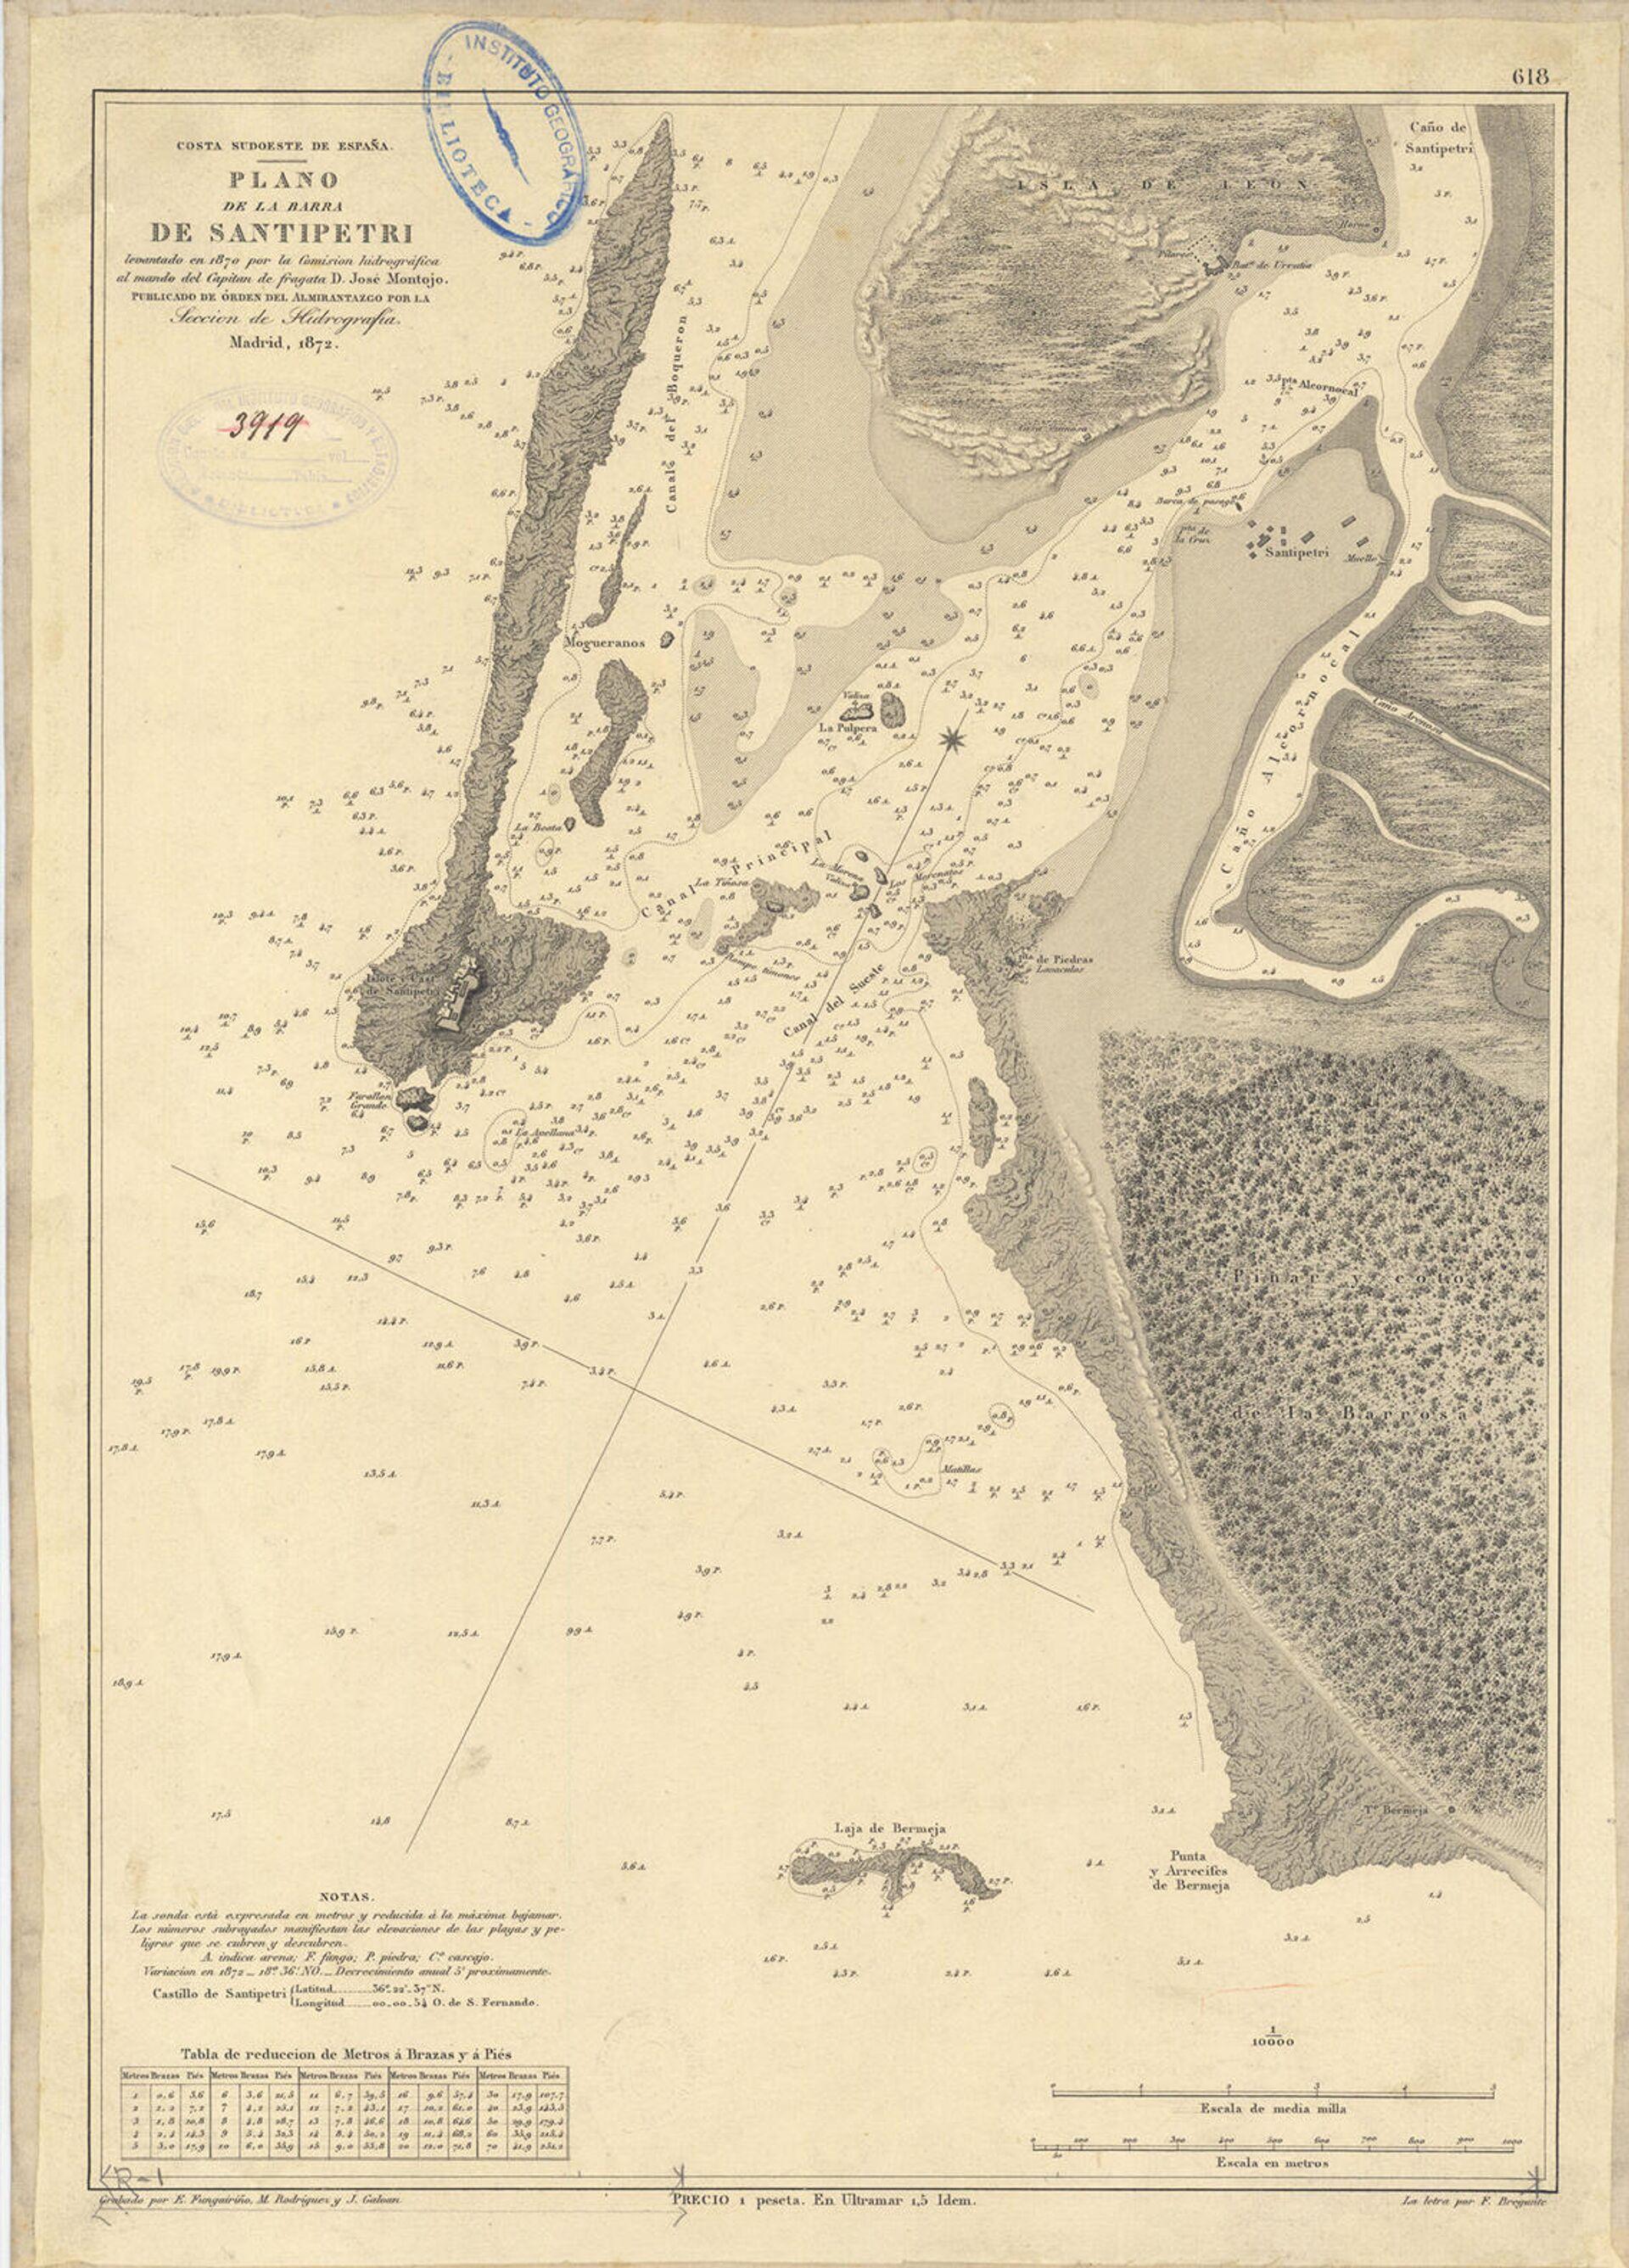 Carta náutica de Sancti Petri, 1872 en estudio de la UCO Comisión Hidrográfica al mando del capitán de Fragata José Montojo - Sputnik Mundo, 1920, 11.03.2021